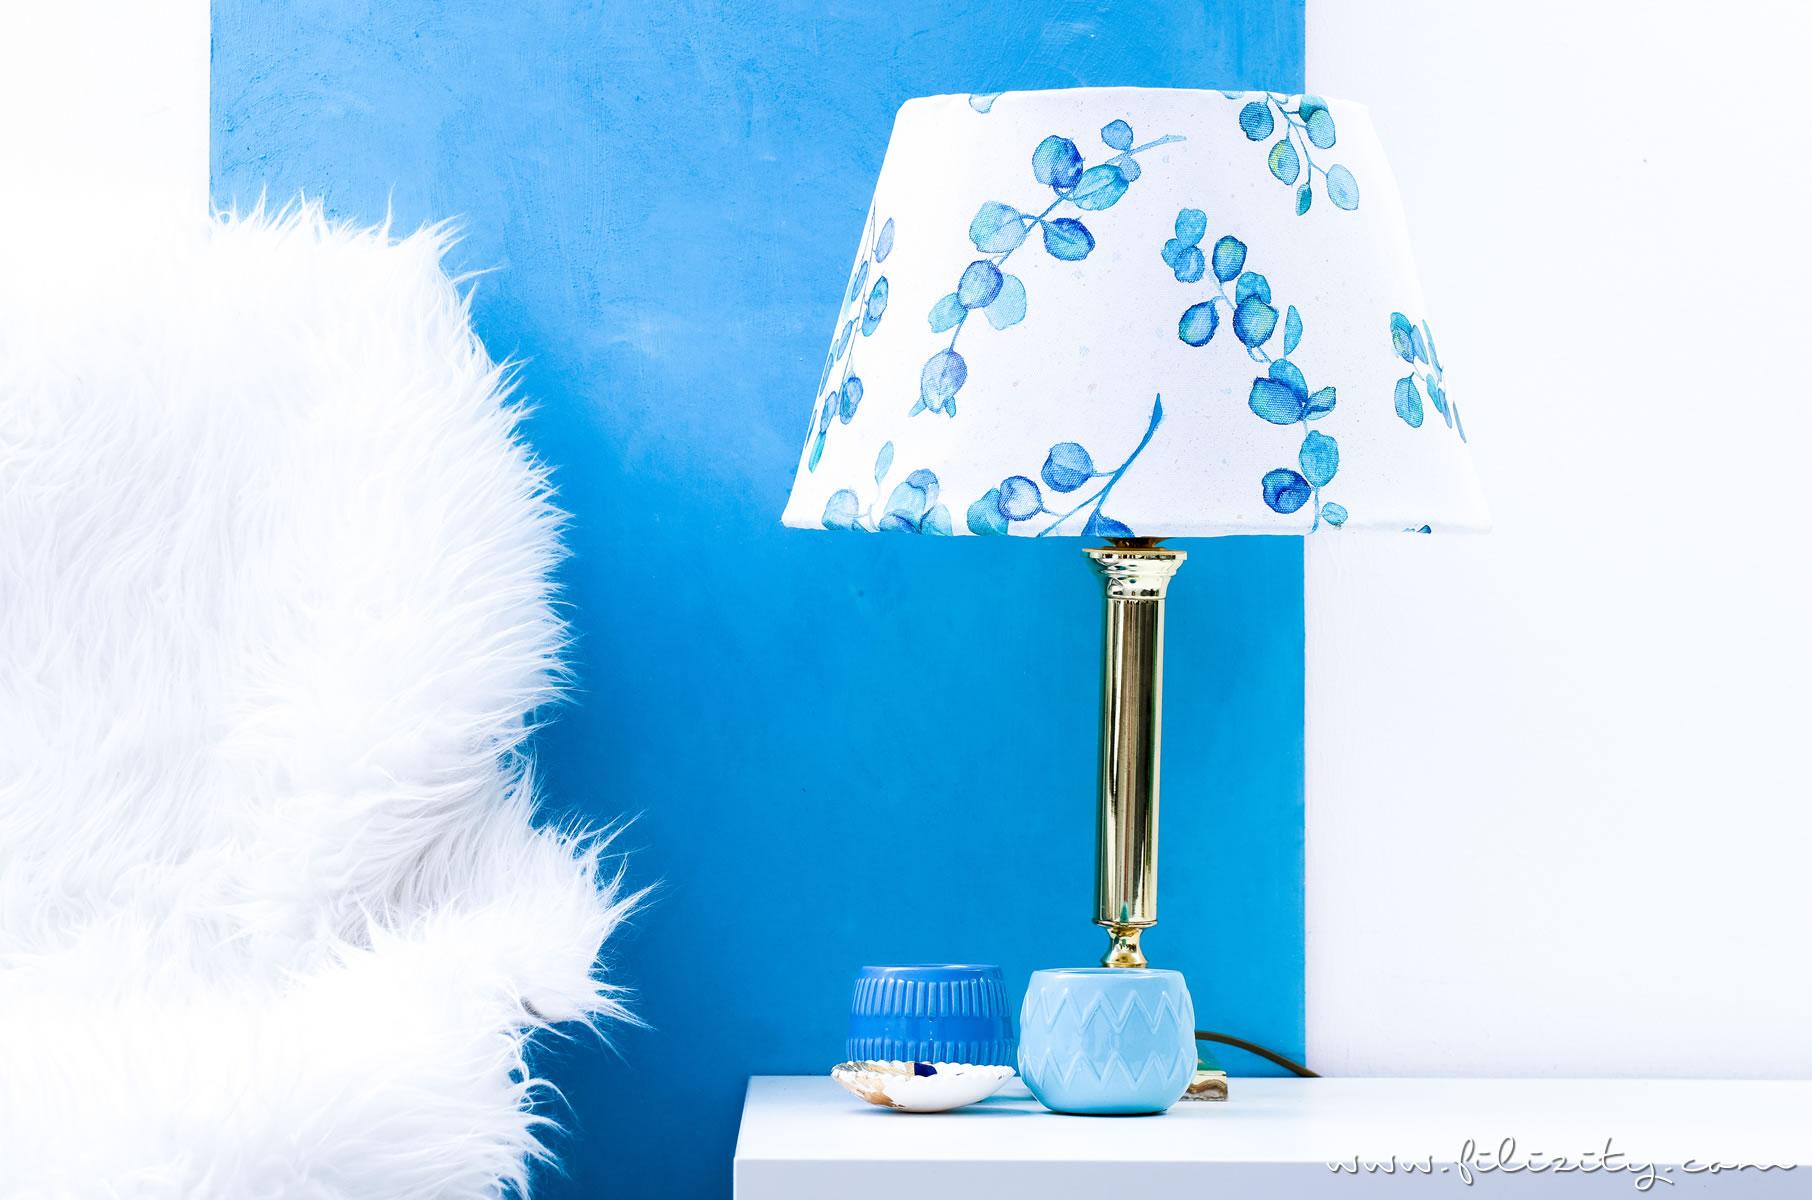 anleitung-lampenschirm-wechseln-lampe-selber-machen-aquarell